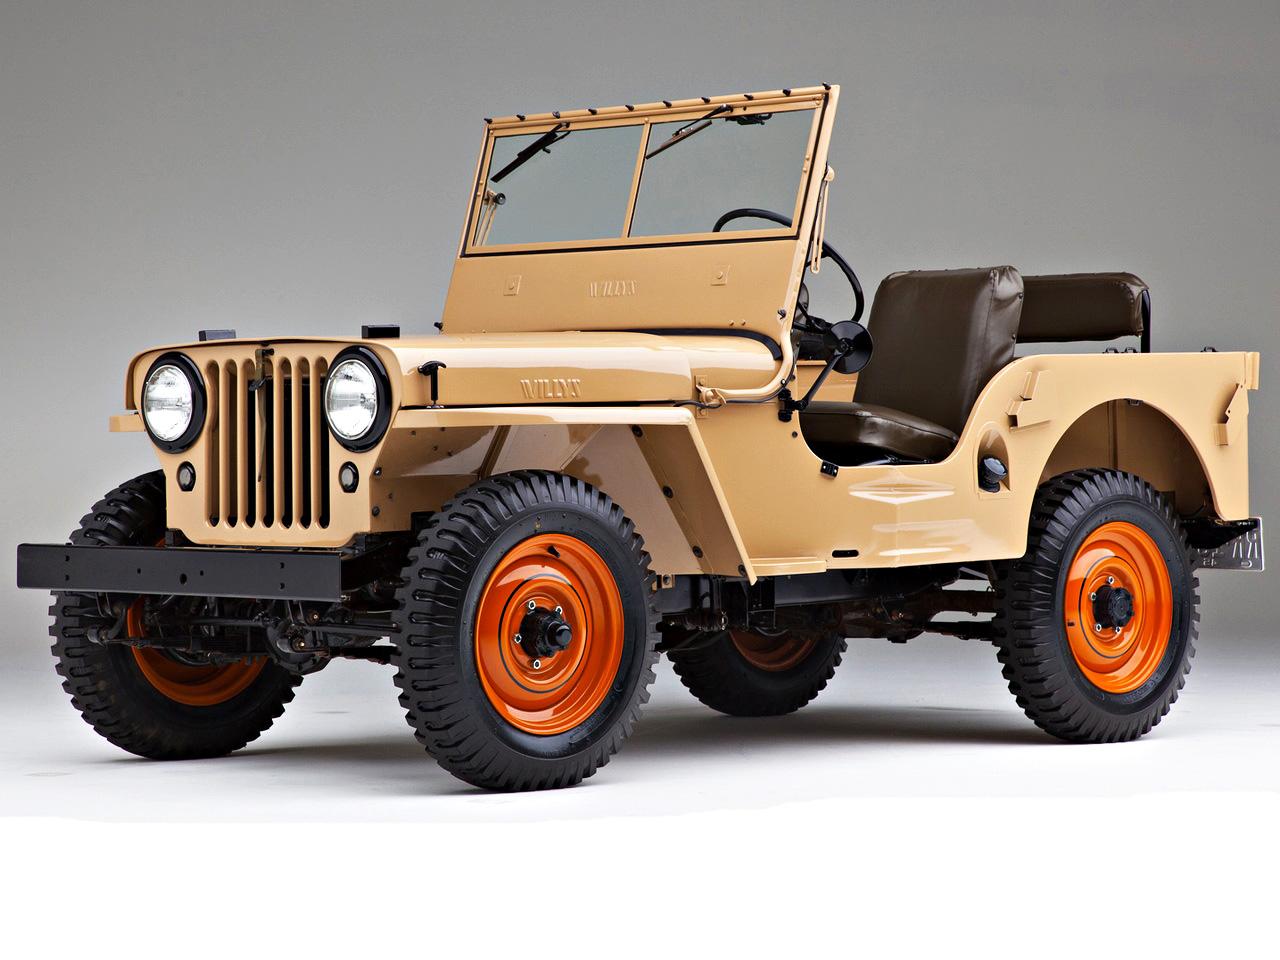 No ano de 2021 a Jeep completou 80 anos de história e veículos marcantes